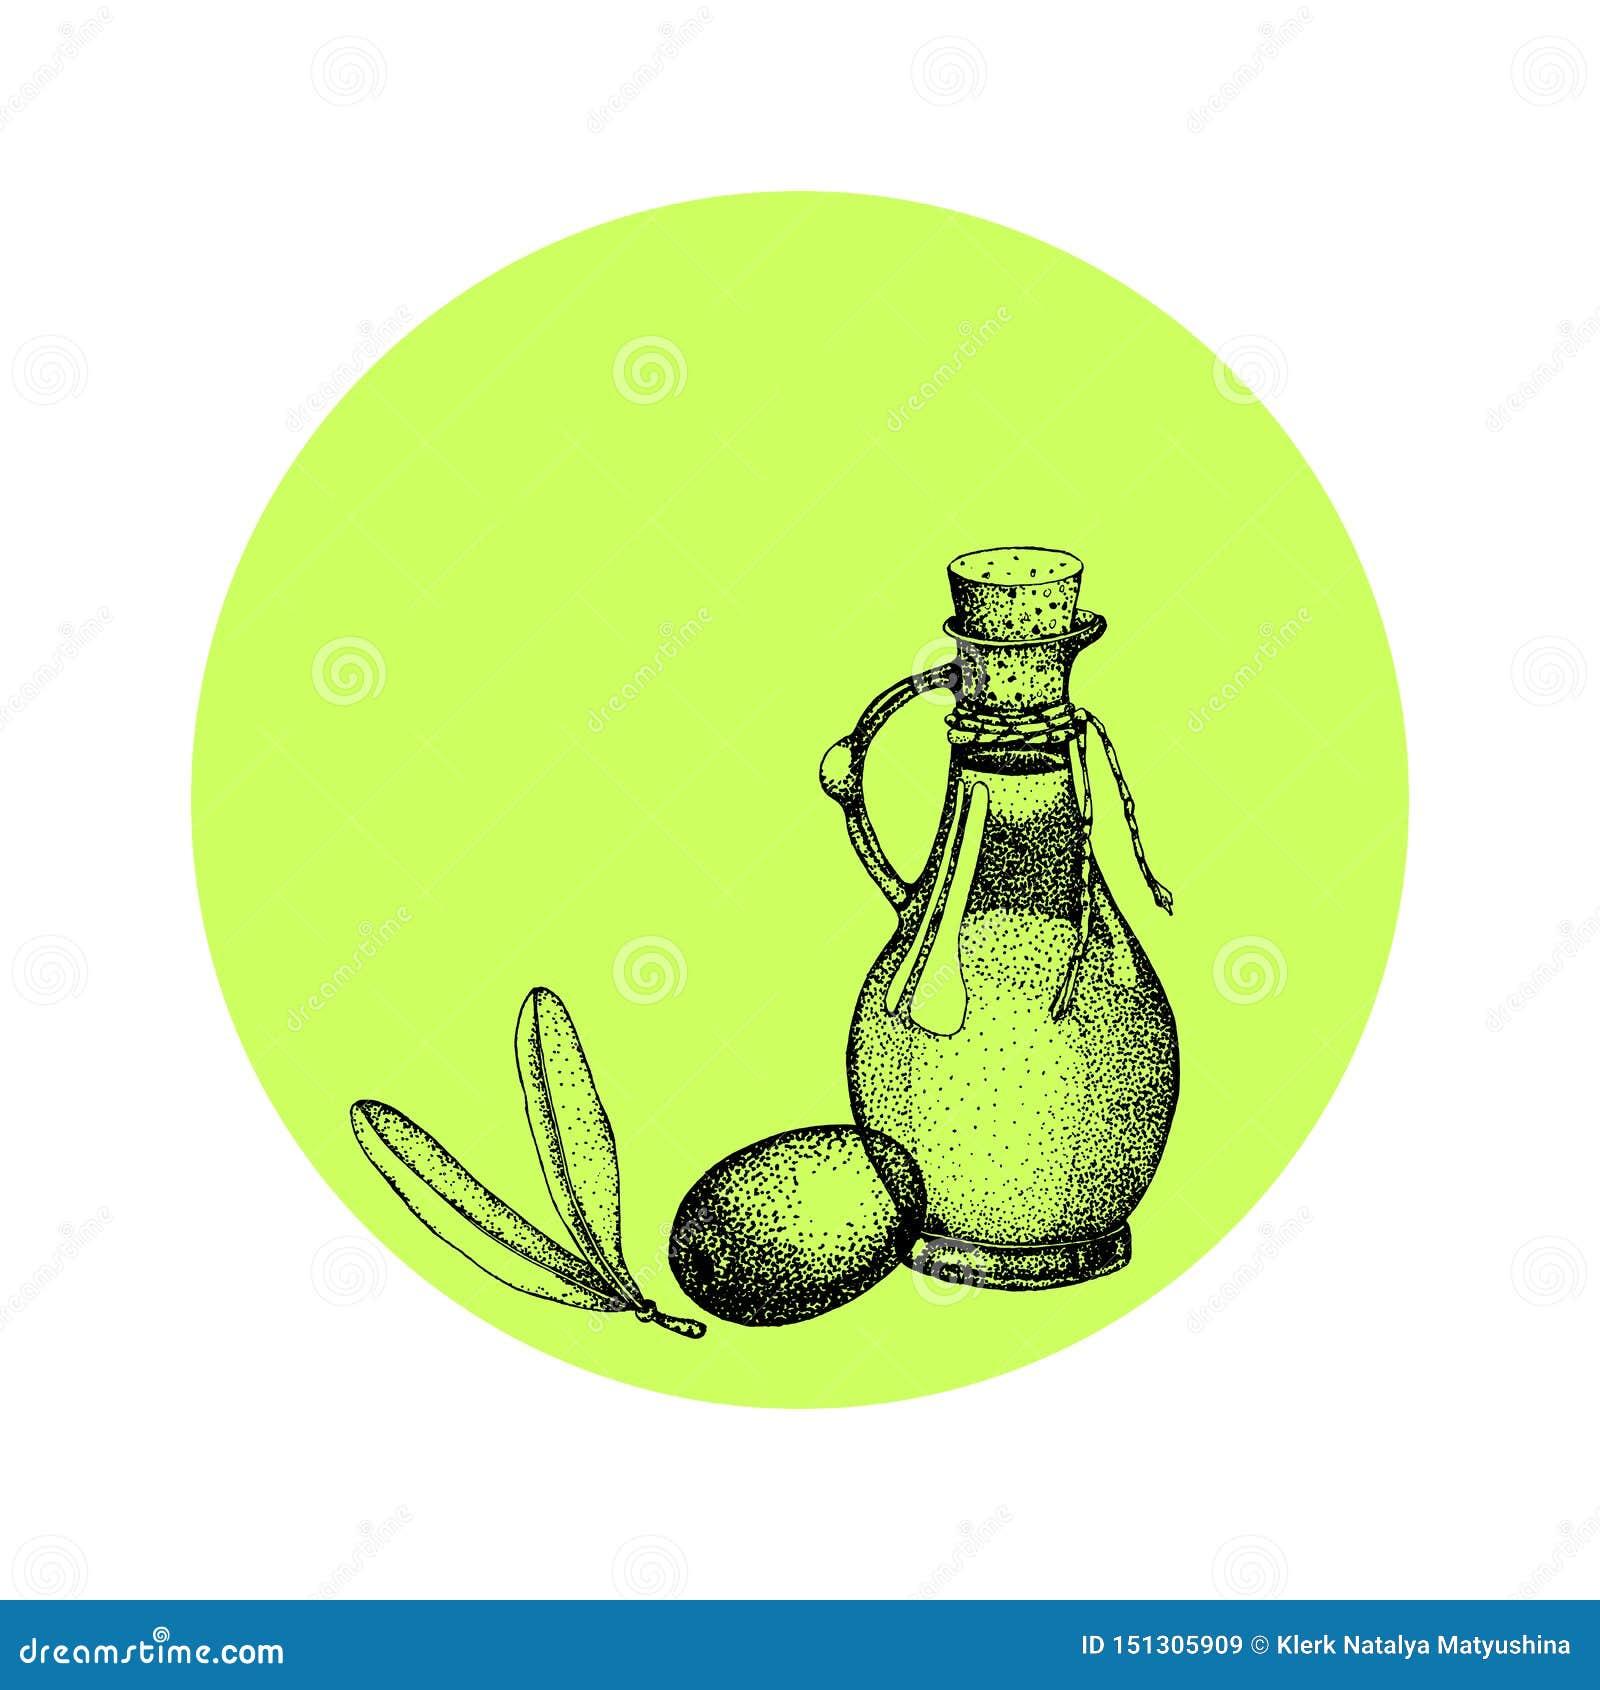 Ρεαλιστική απεικόνιση του μαύρου και πράσινου κλάδου ελιών που απομονώνεται στο άσπρο υπόβαθρο Σχέδιο για το ελαιόλαδο, φυσικό